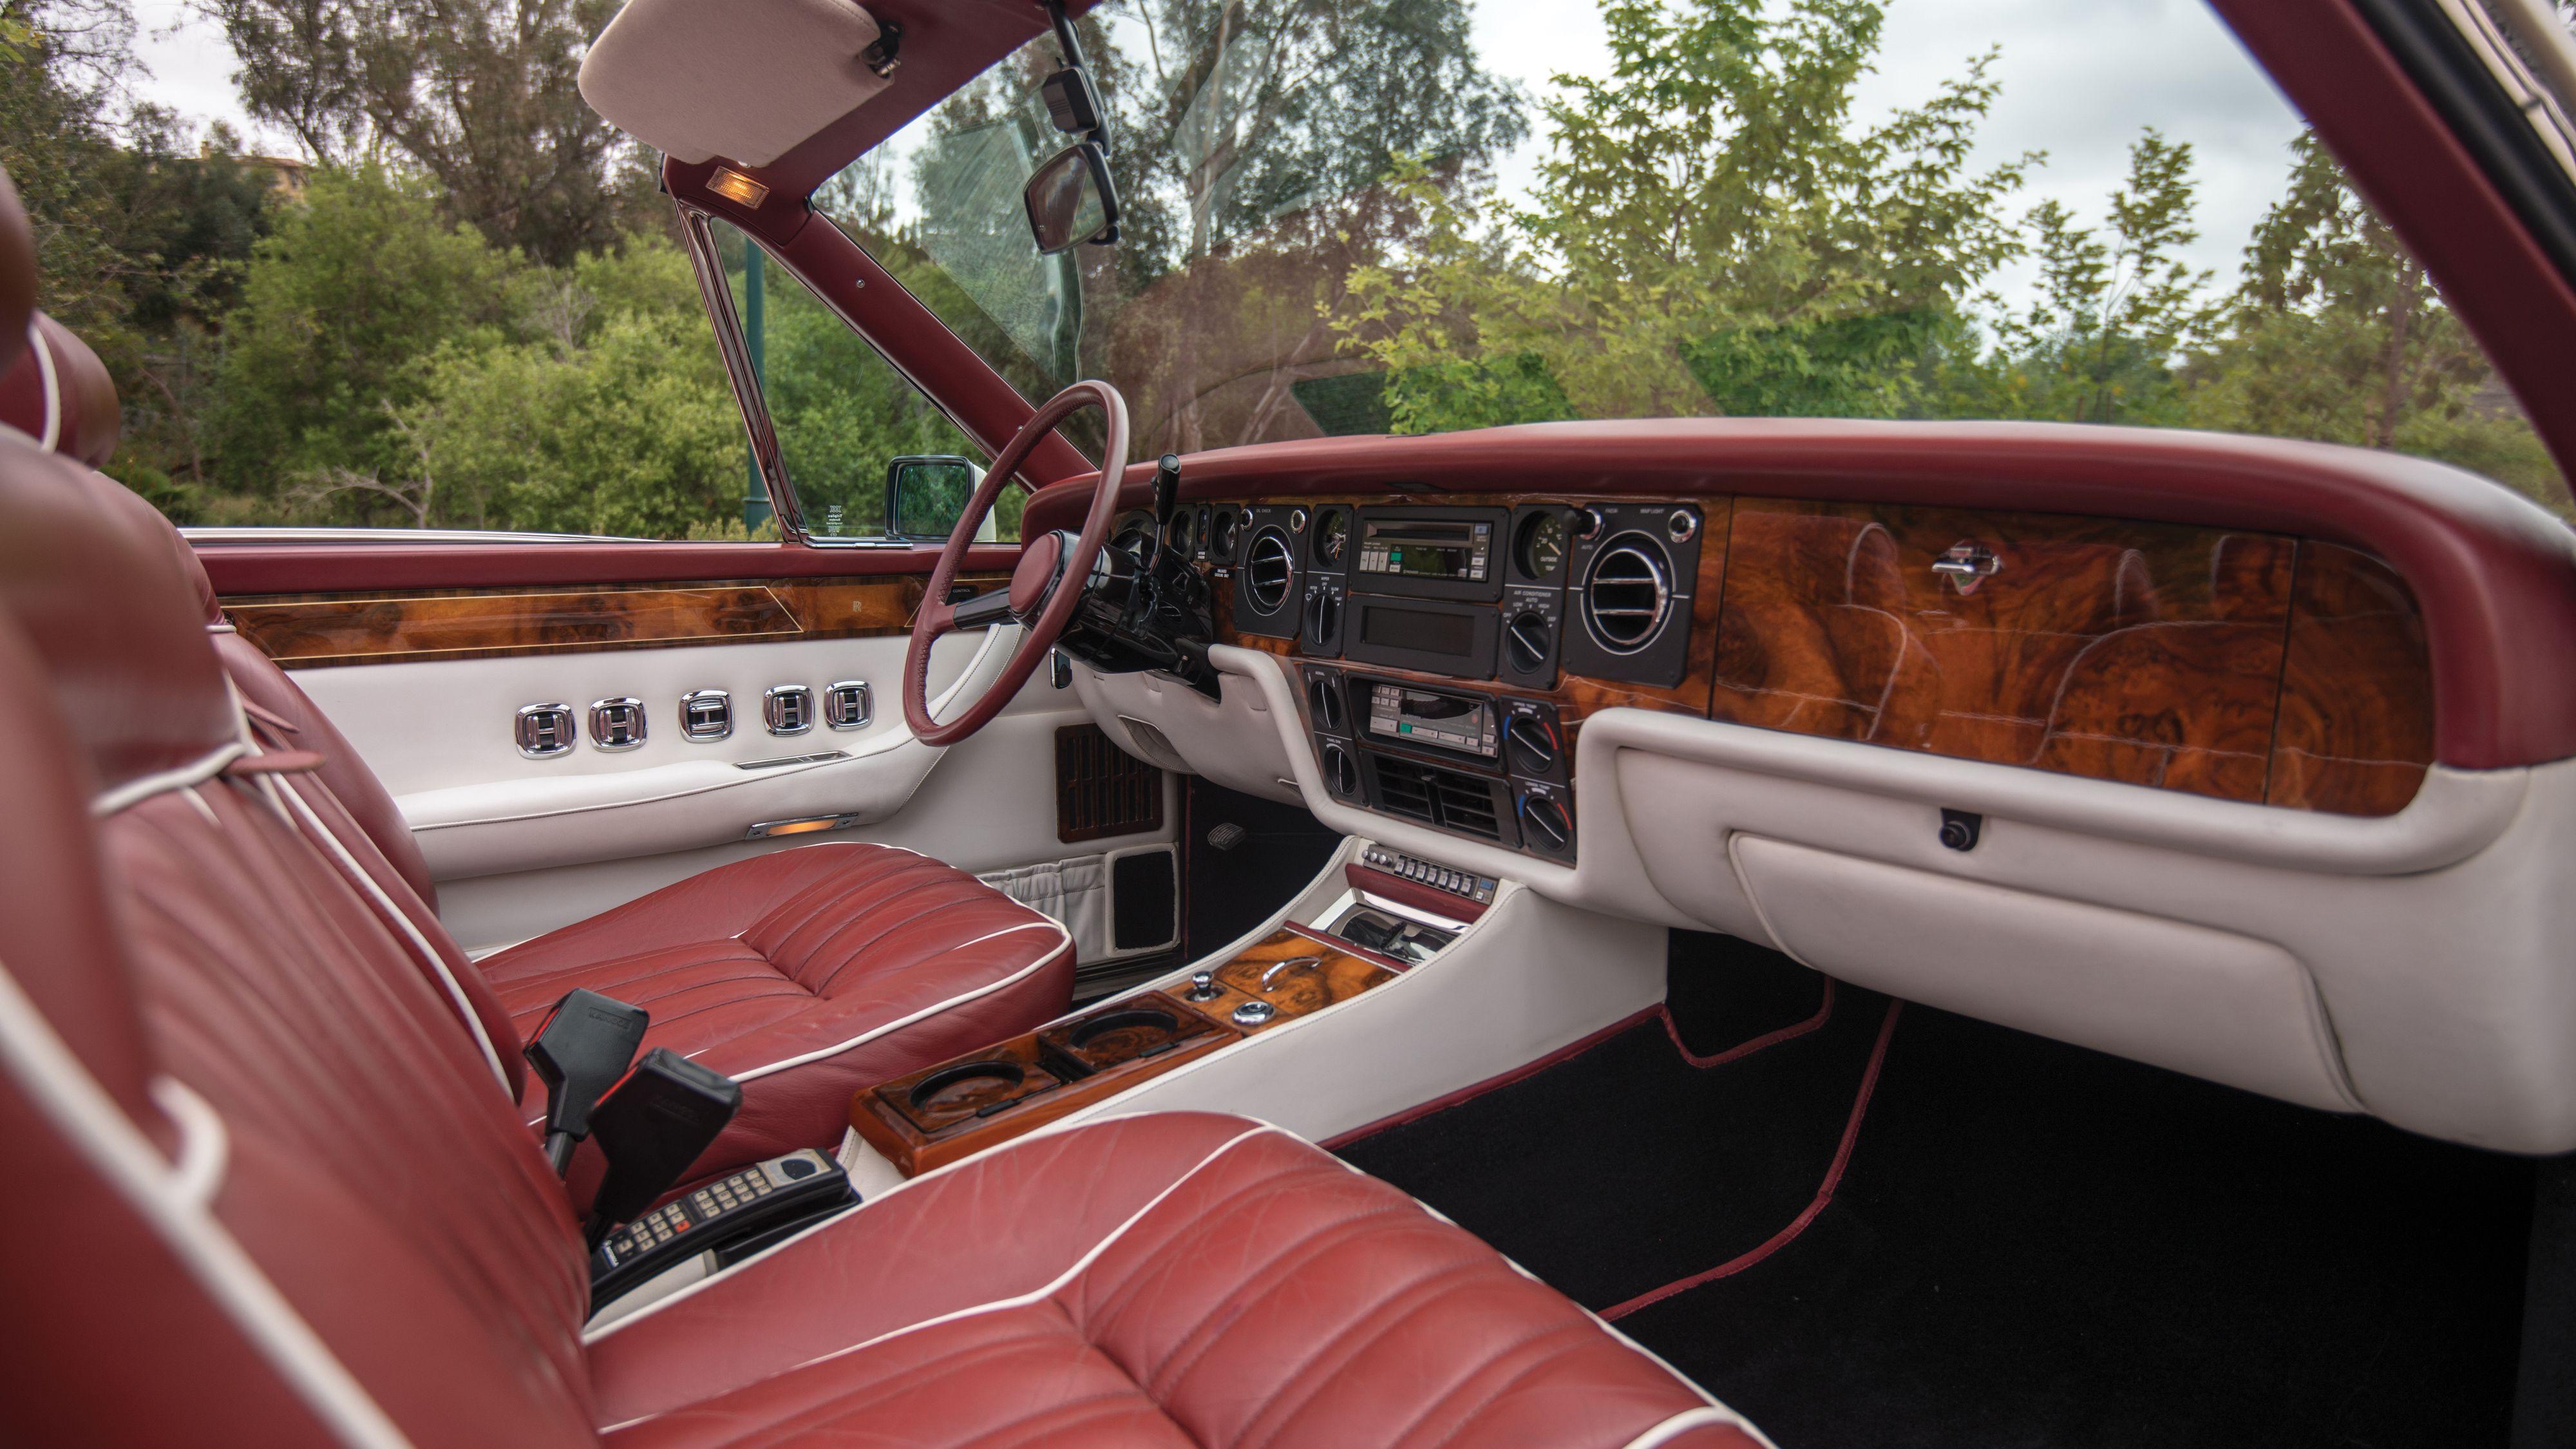 Rolls Royce Camargue Retractable Hardtop By Niko Michael 1987